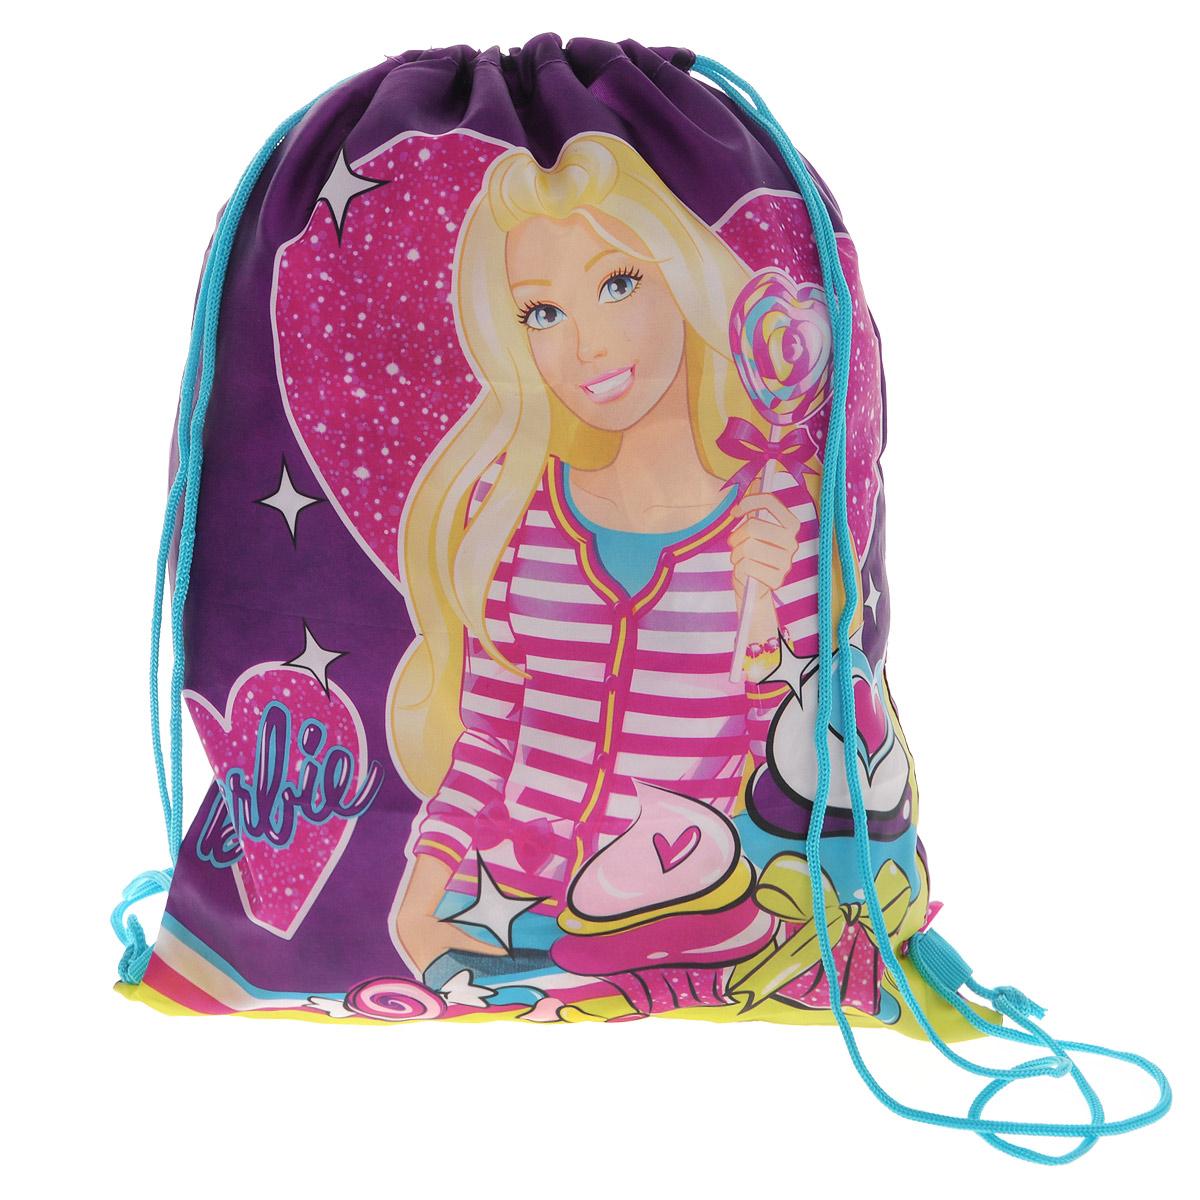 Barbie Сумка-рюкзак для обуви цвет фиолетовый BRCB-MT1-883BRCB-MT1-883Сумка для сменной обуви Barbie идеально подходит как для хранения, так и для переноски сменной обуви и одежды. Сумка выполнена из прочного водонепроницаемого полиэстера и содержит одно вместительное отделение, затягивающееся с помощью текстильных шнурков. Шнурки фиксируются в нижней части сумки, благодаря чему ее можно носить за спиной как рюкзак. Оформлено изделие изображением героини любимого мультфильма. Ваш ребенок с радостью будет ходить с таким аксессуаром в школу.